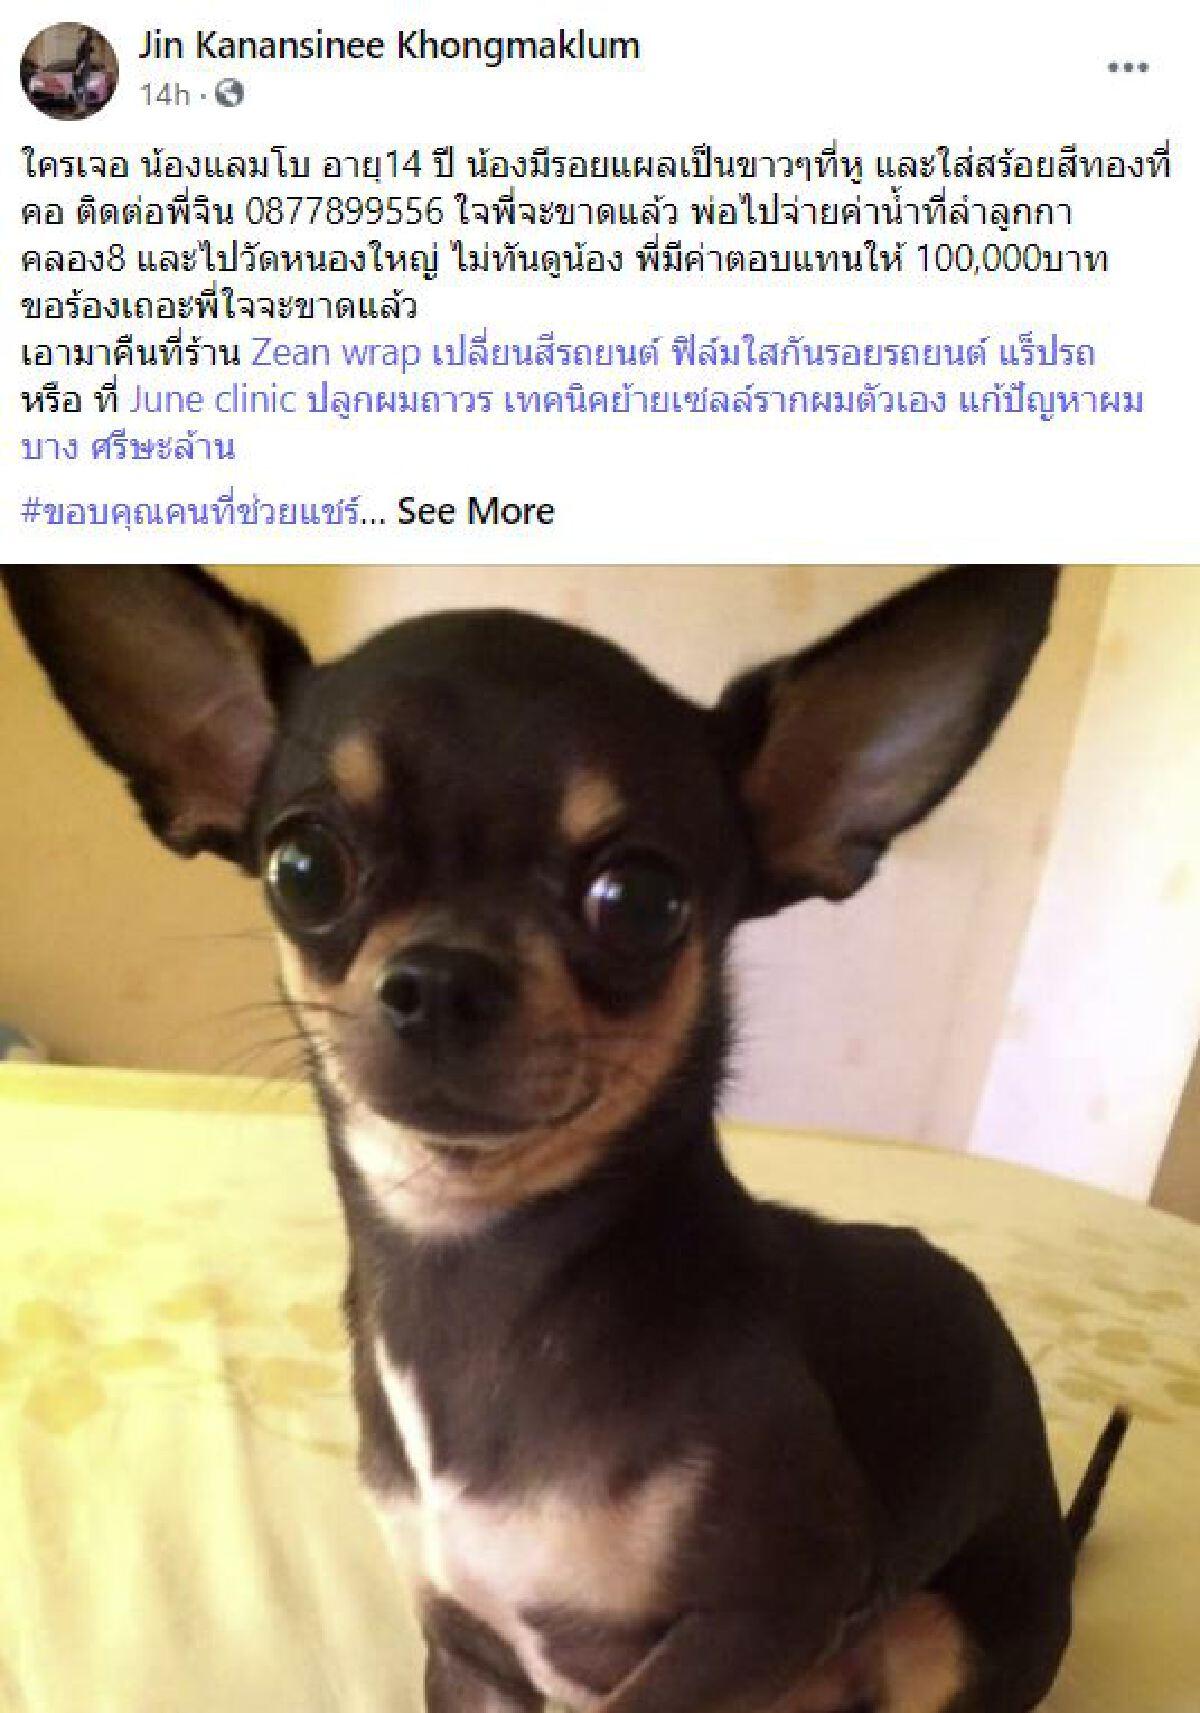 คุณป้าเปิดใจ ทำไมไม่รับเงินรางวัล ขอบคุณในความหวังดีของสาวเจ้าของสุนัข